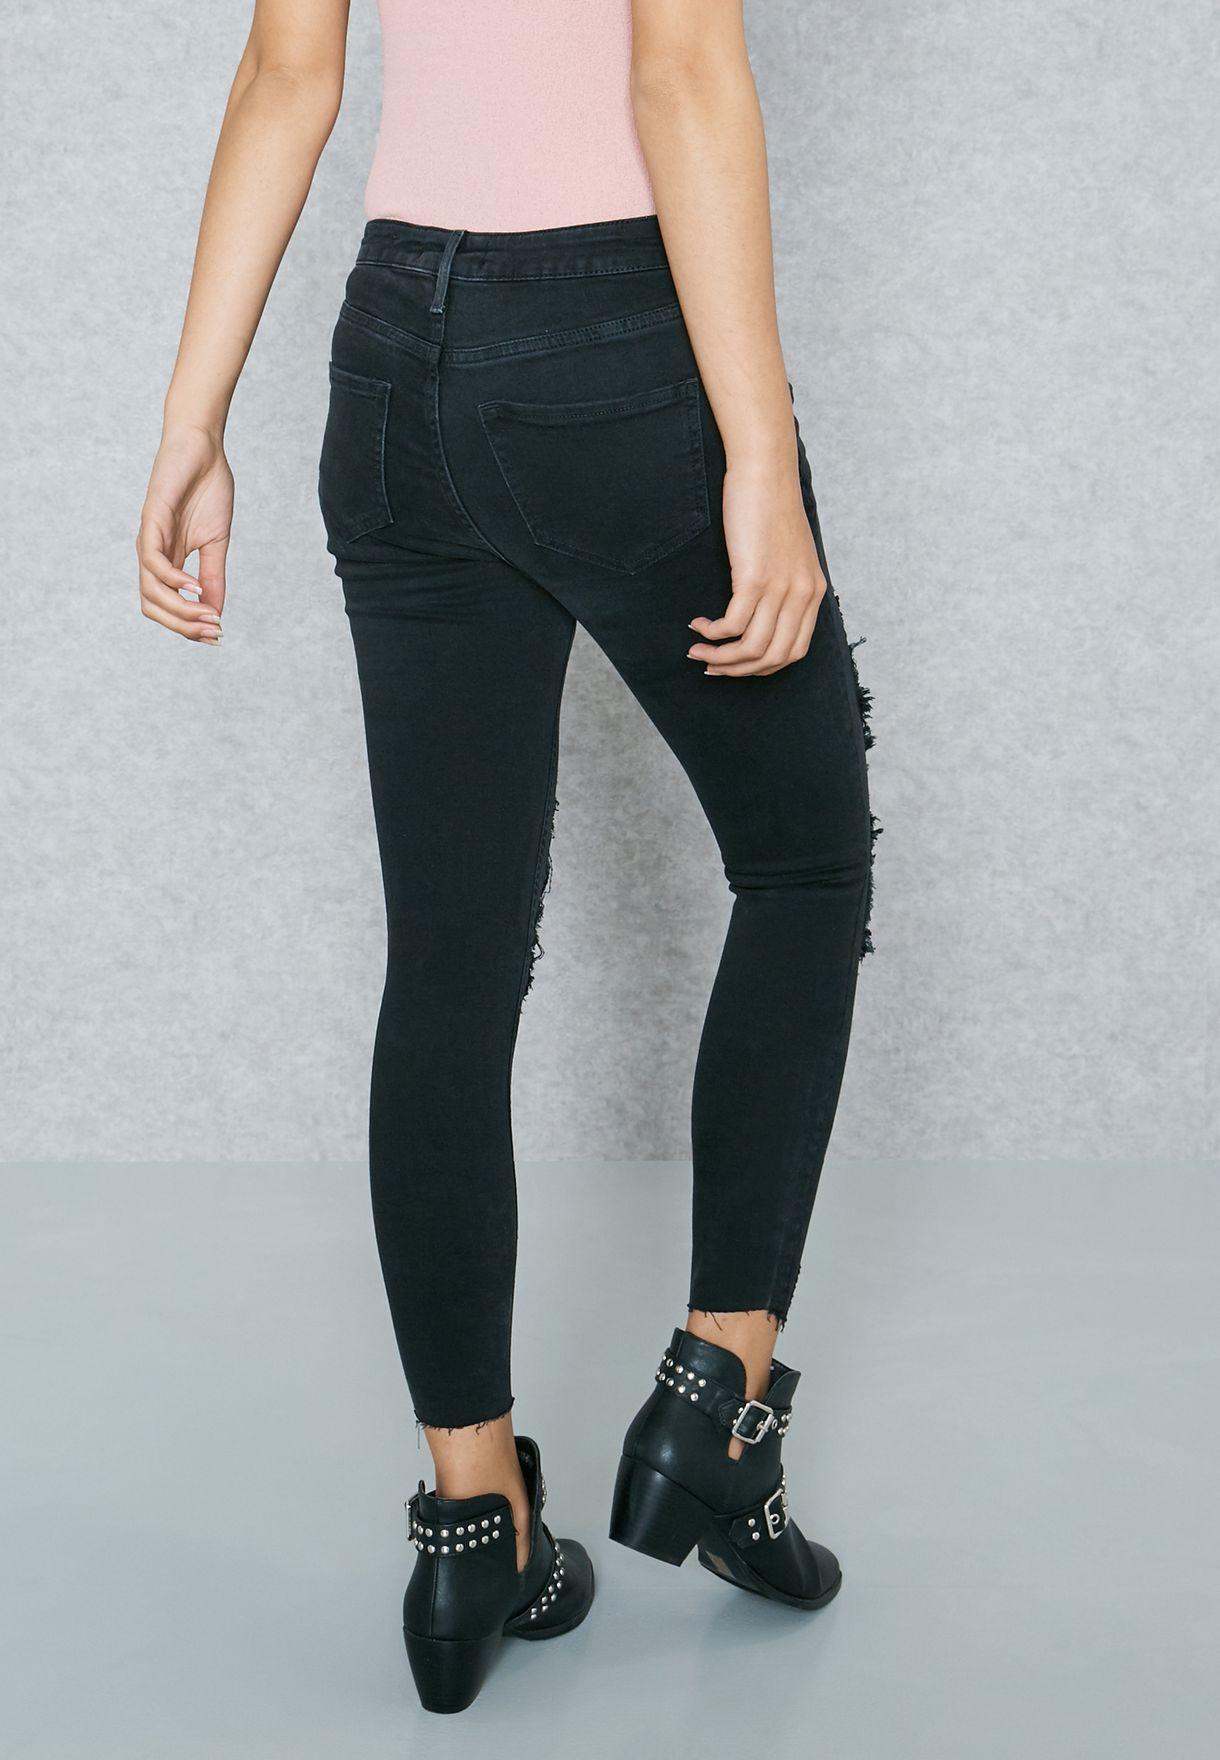 Regular Waist Lace Insert Jeans